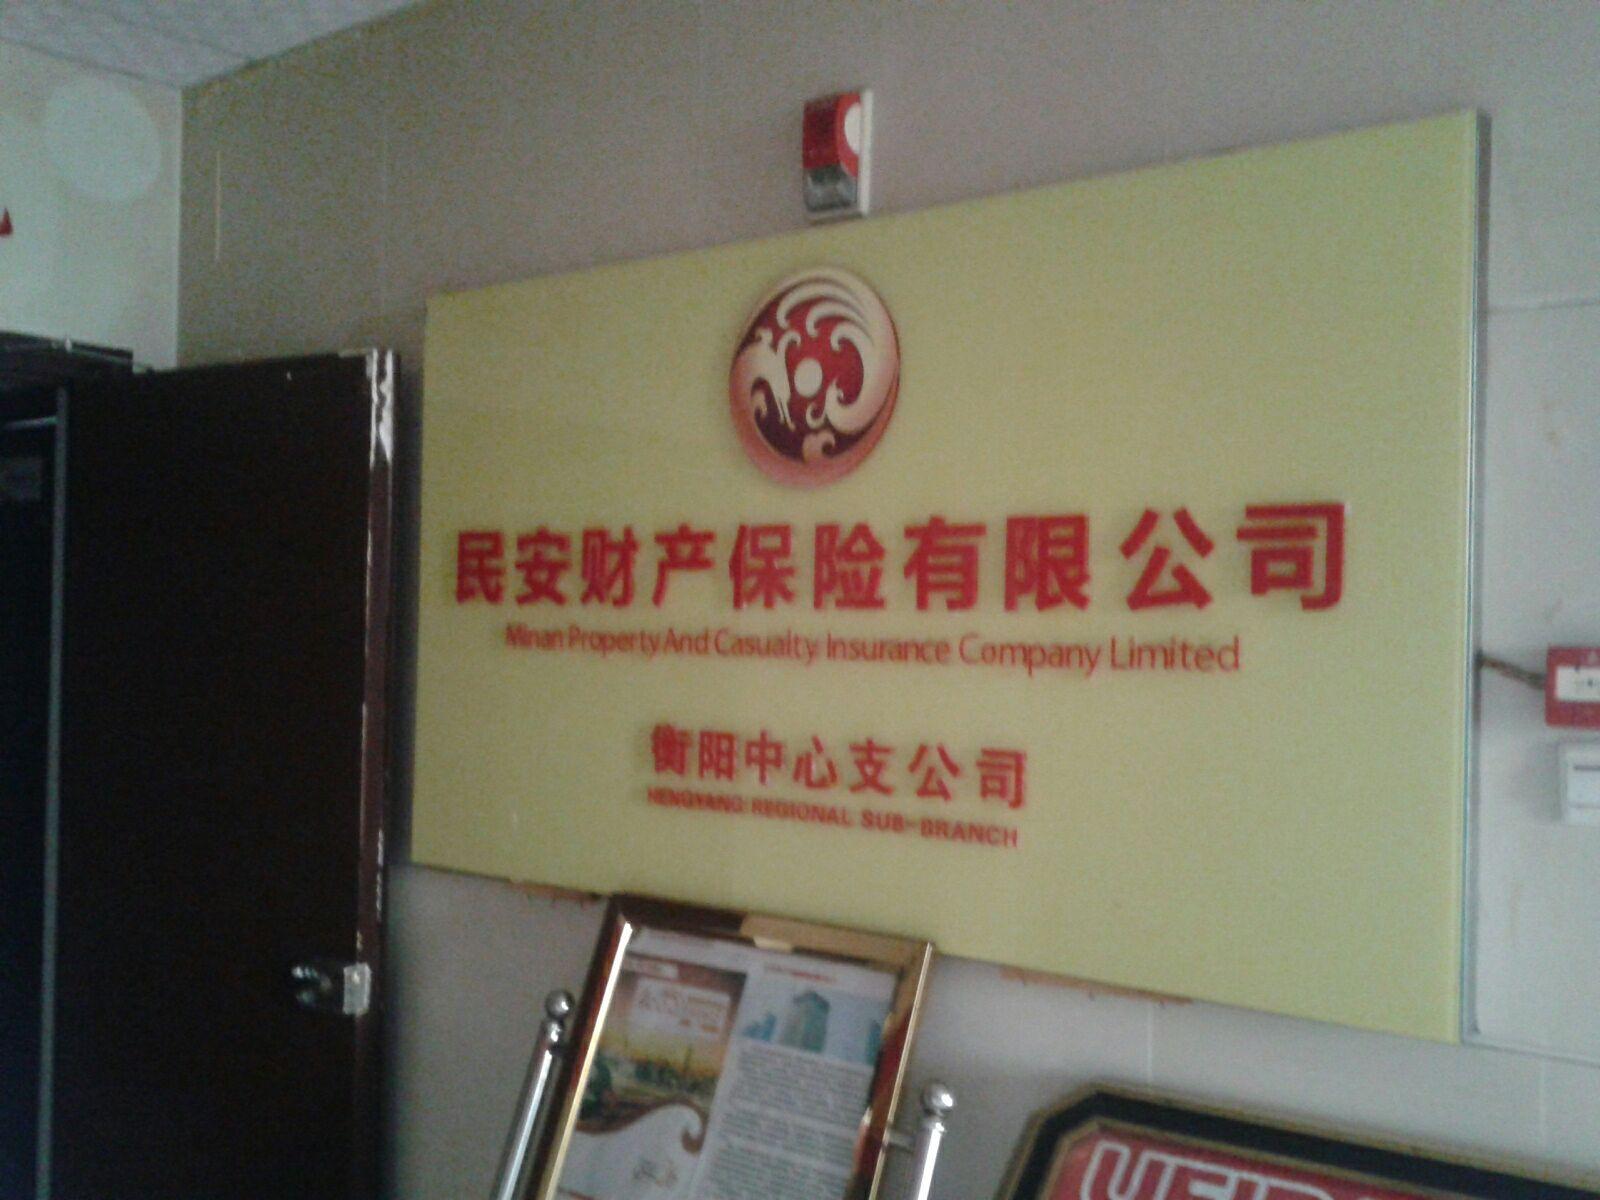 民安保险(衡阳中心支公司)